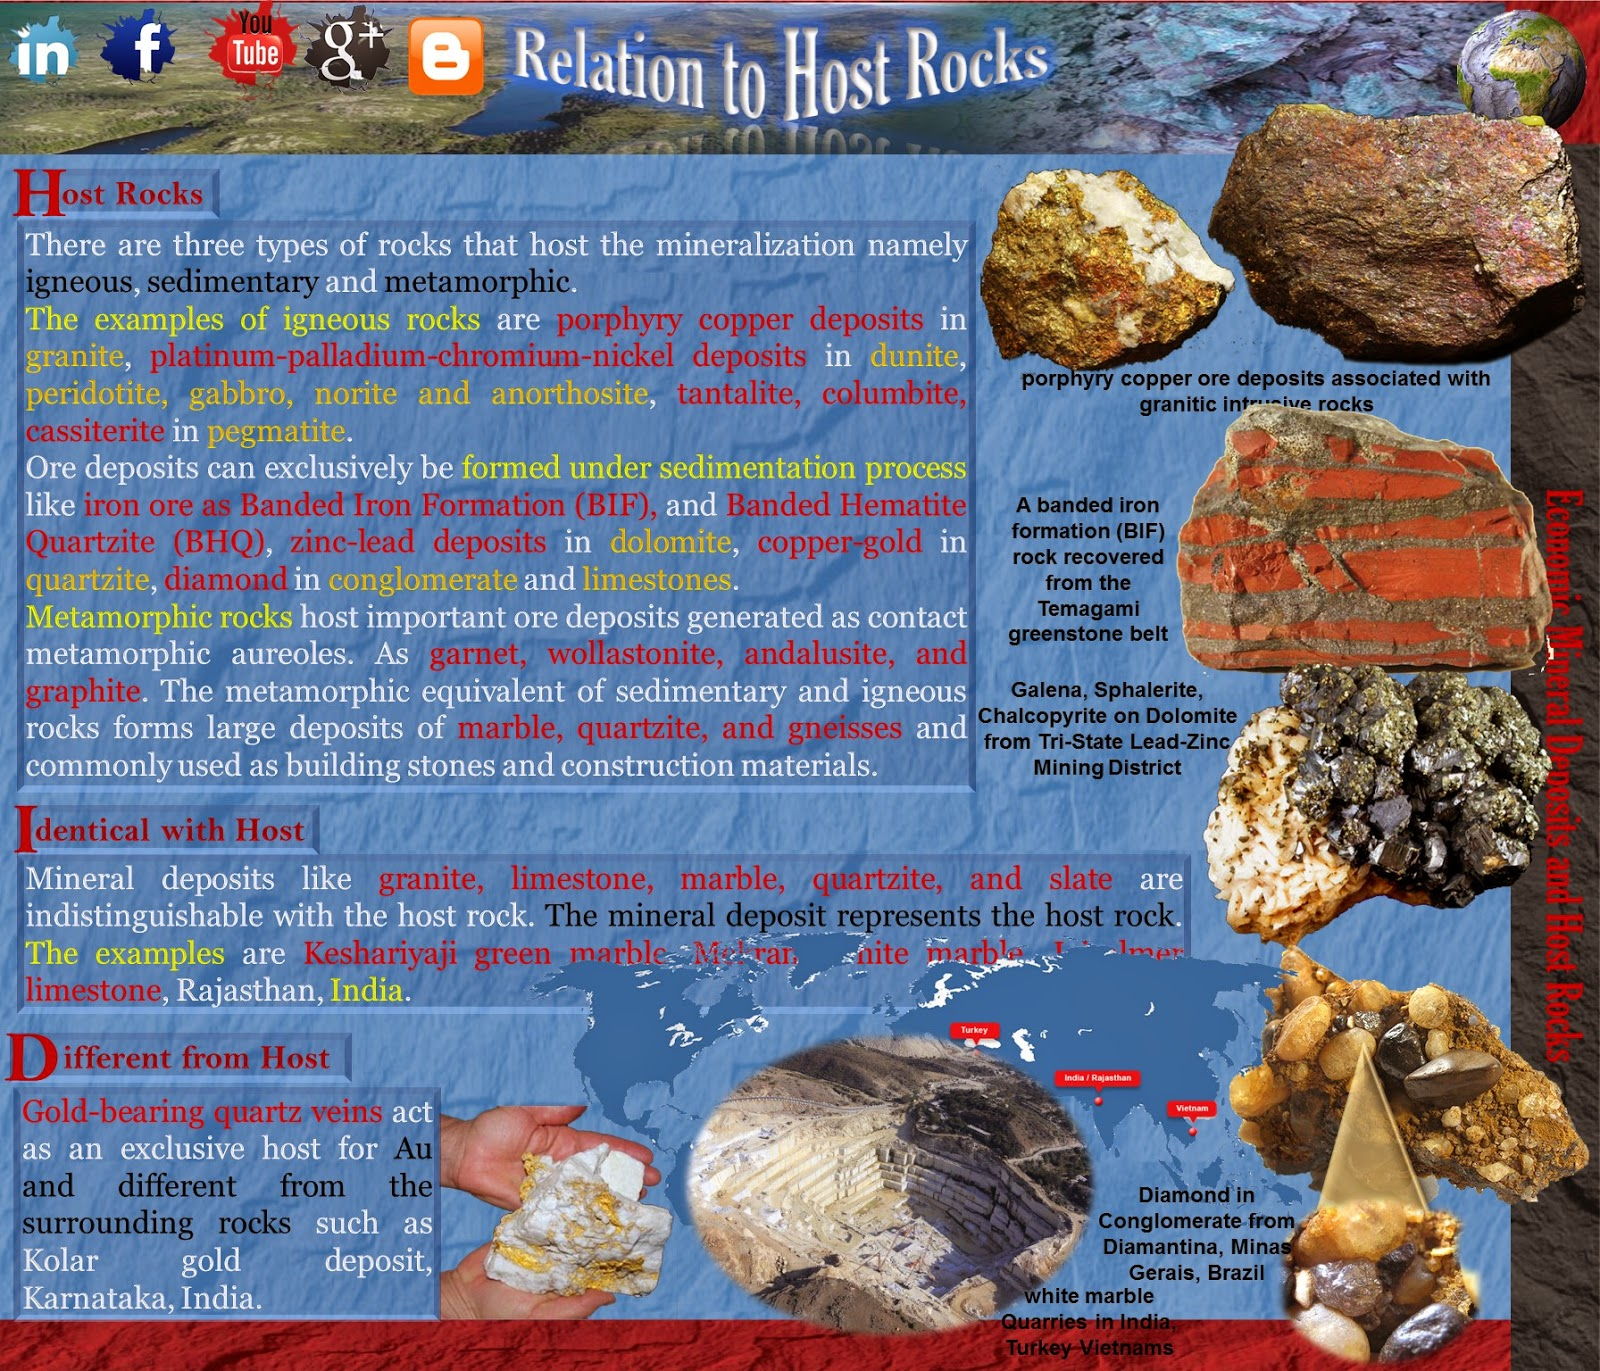 Host Rocks